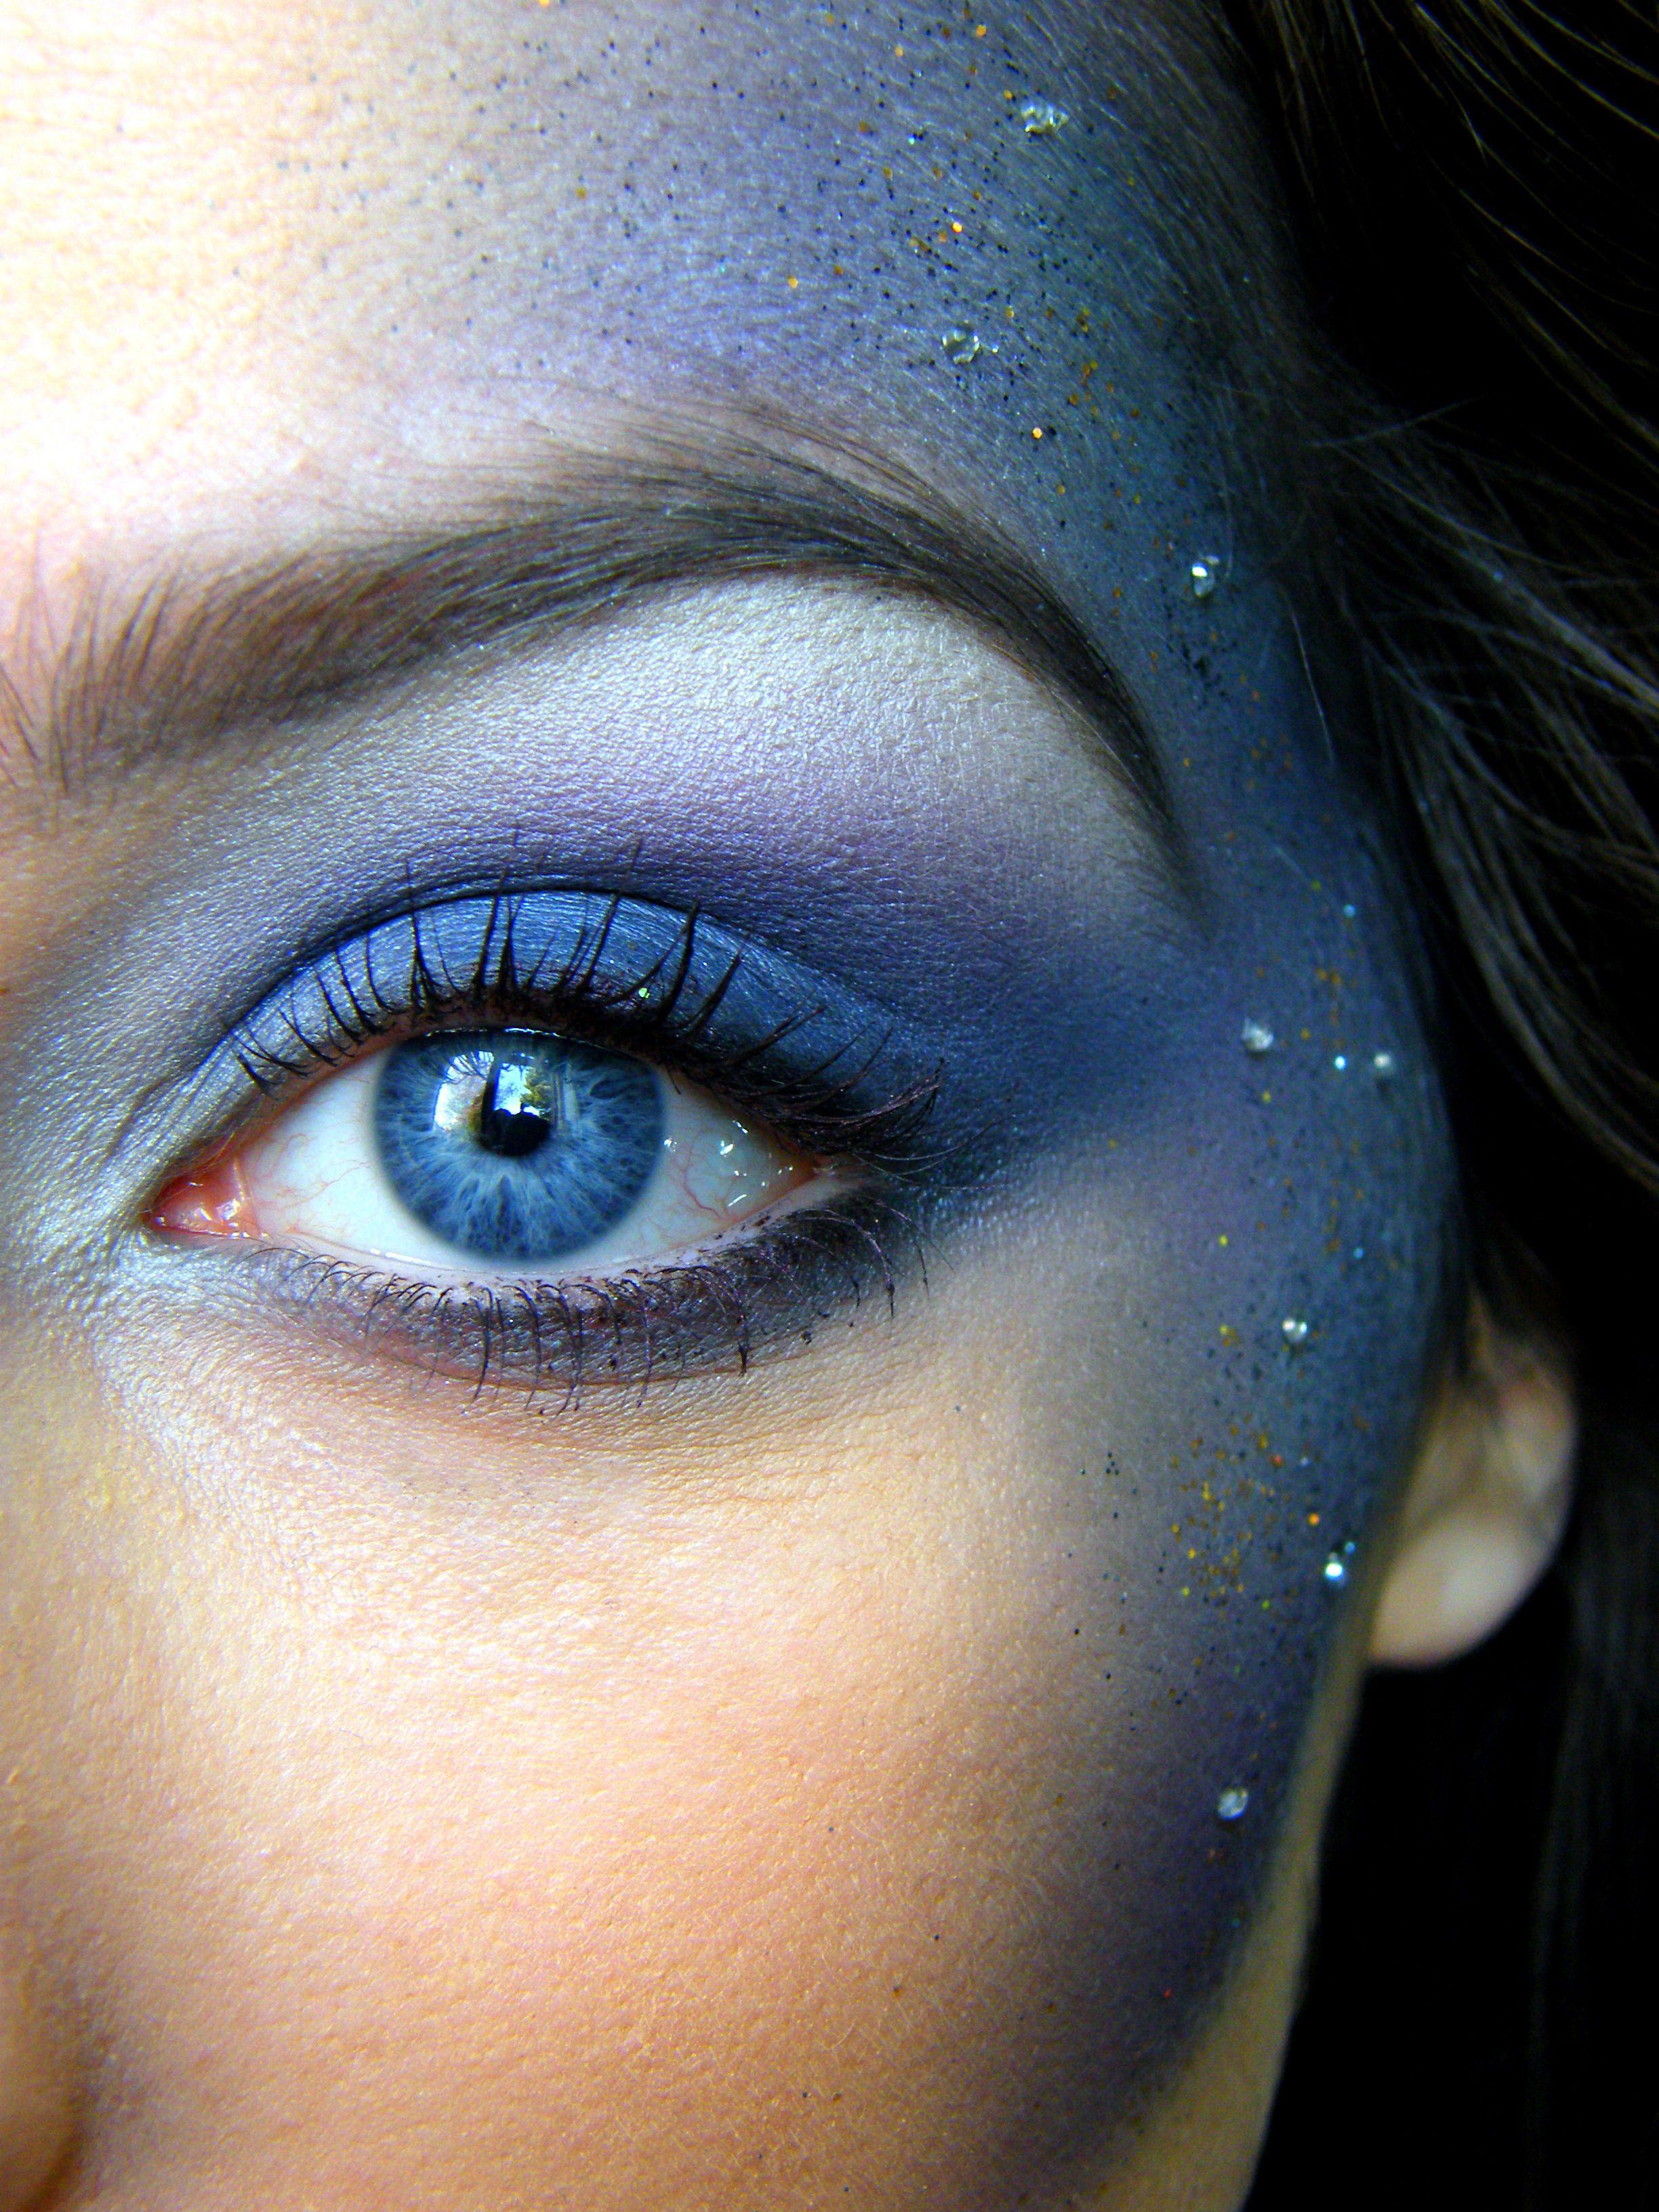 Galaxy inspired makeup makeup tutorial makeup geek make up galaxy inspired makeup makeup tutorial makeup geek baditri Image collections